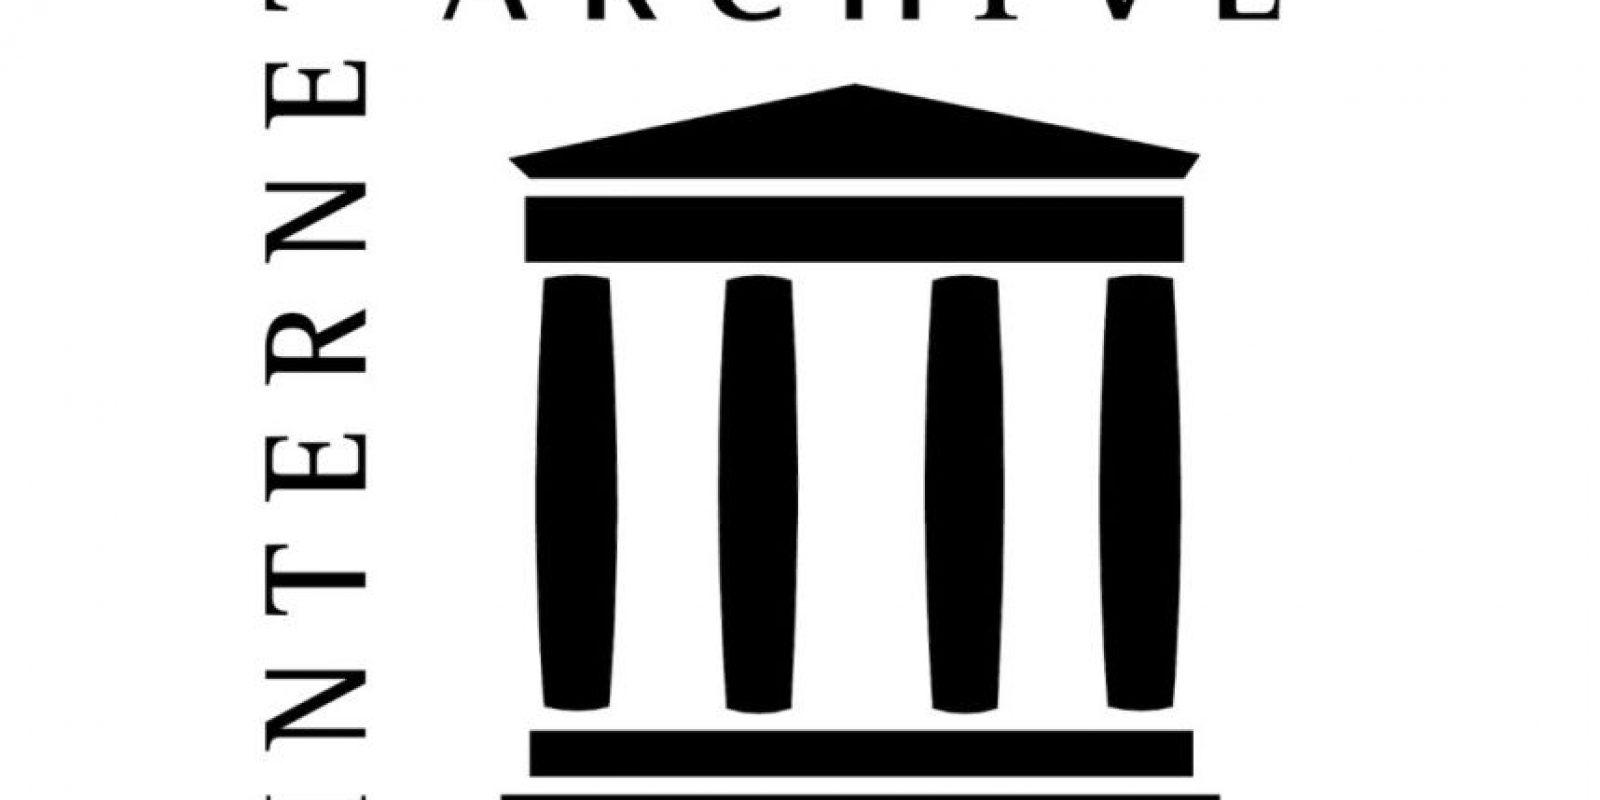 Internet Archive es un sitio web y una organización sin ánimo de lucro destinada a la preservación de historiales web y recursos multimedia Foto:http://www.logoeps.net/internet-archive-logo.html